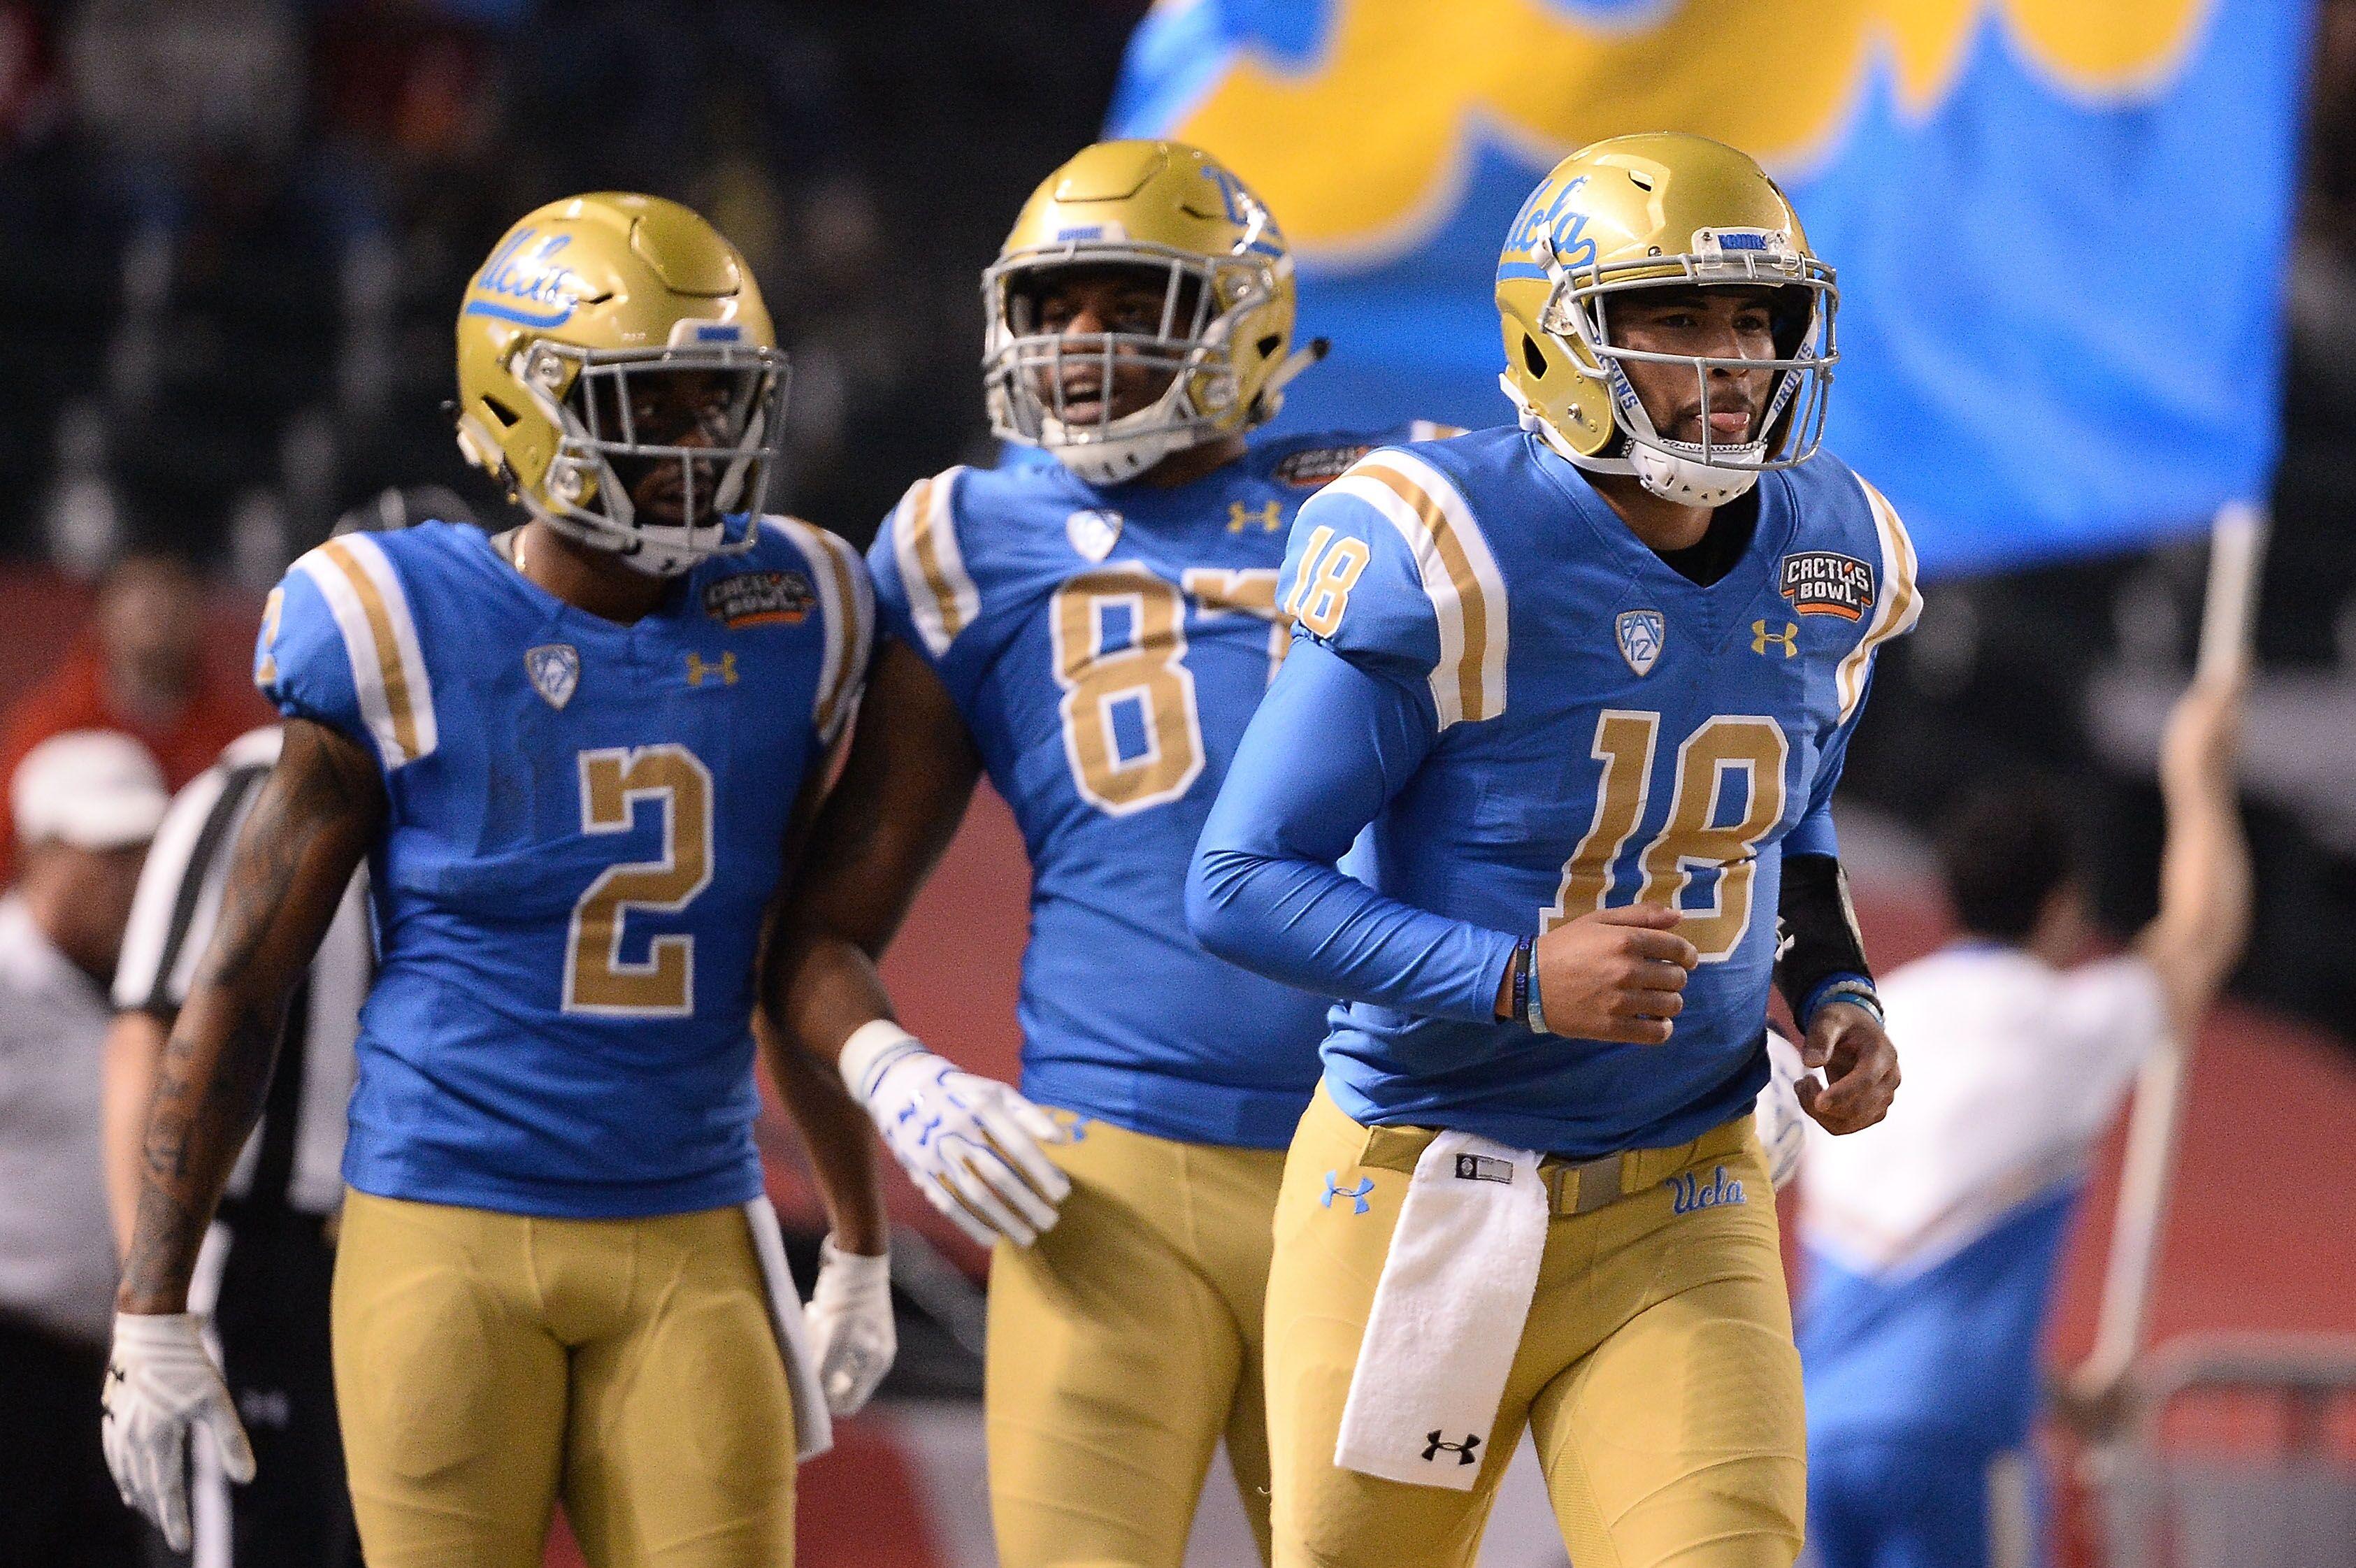 Ucla Football Team UCLA Football: 5 story...